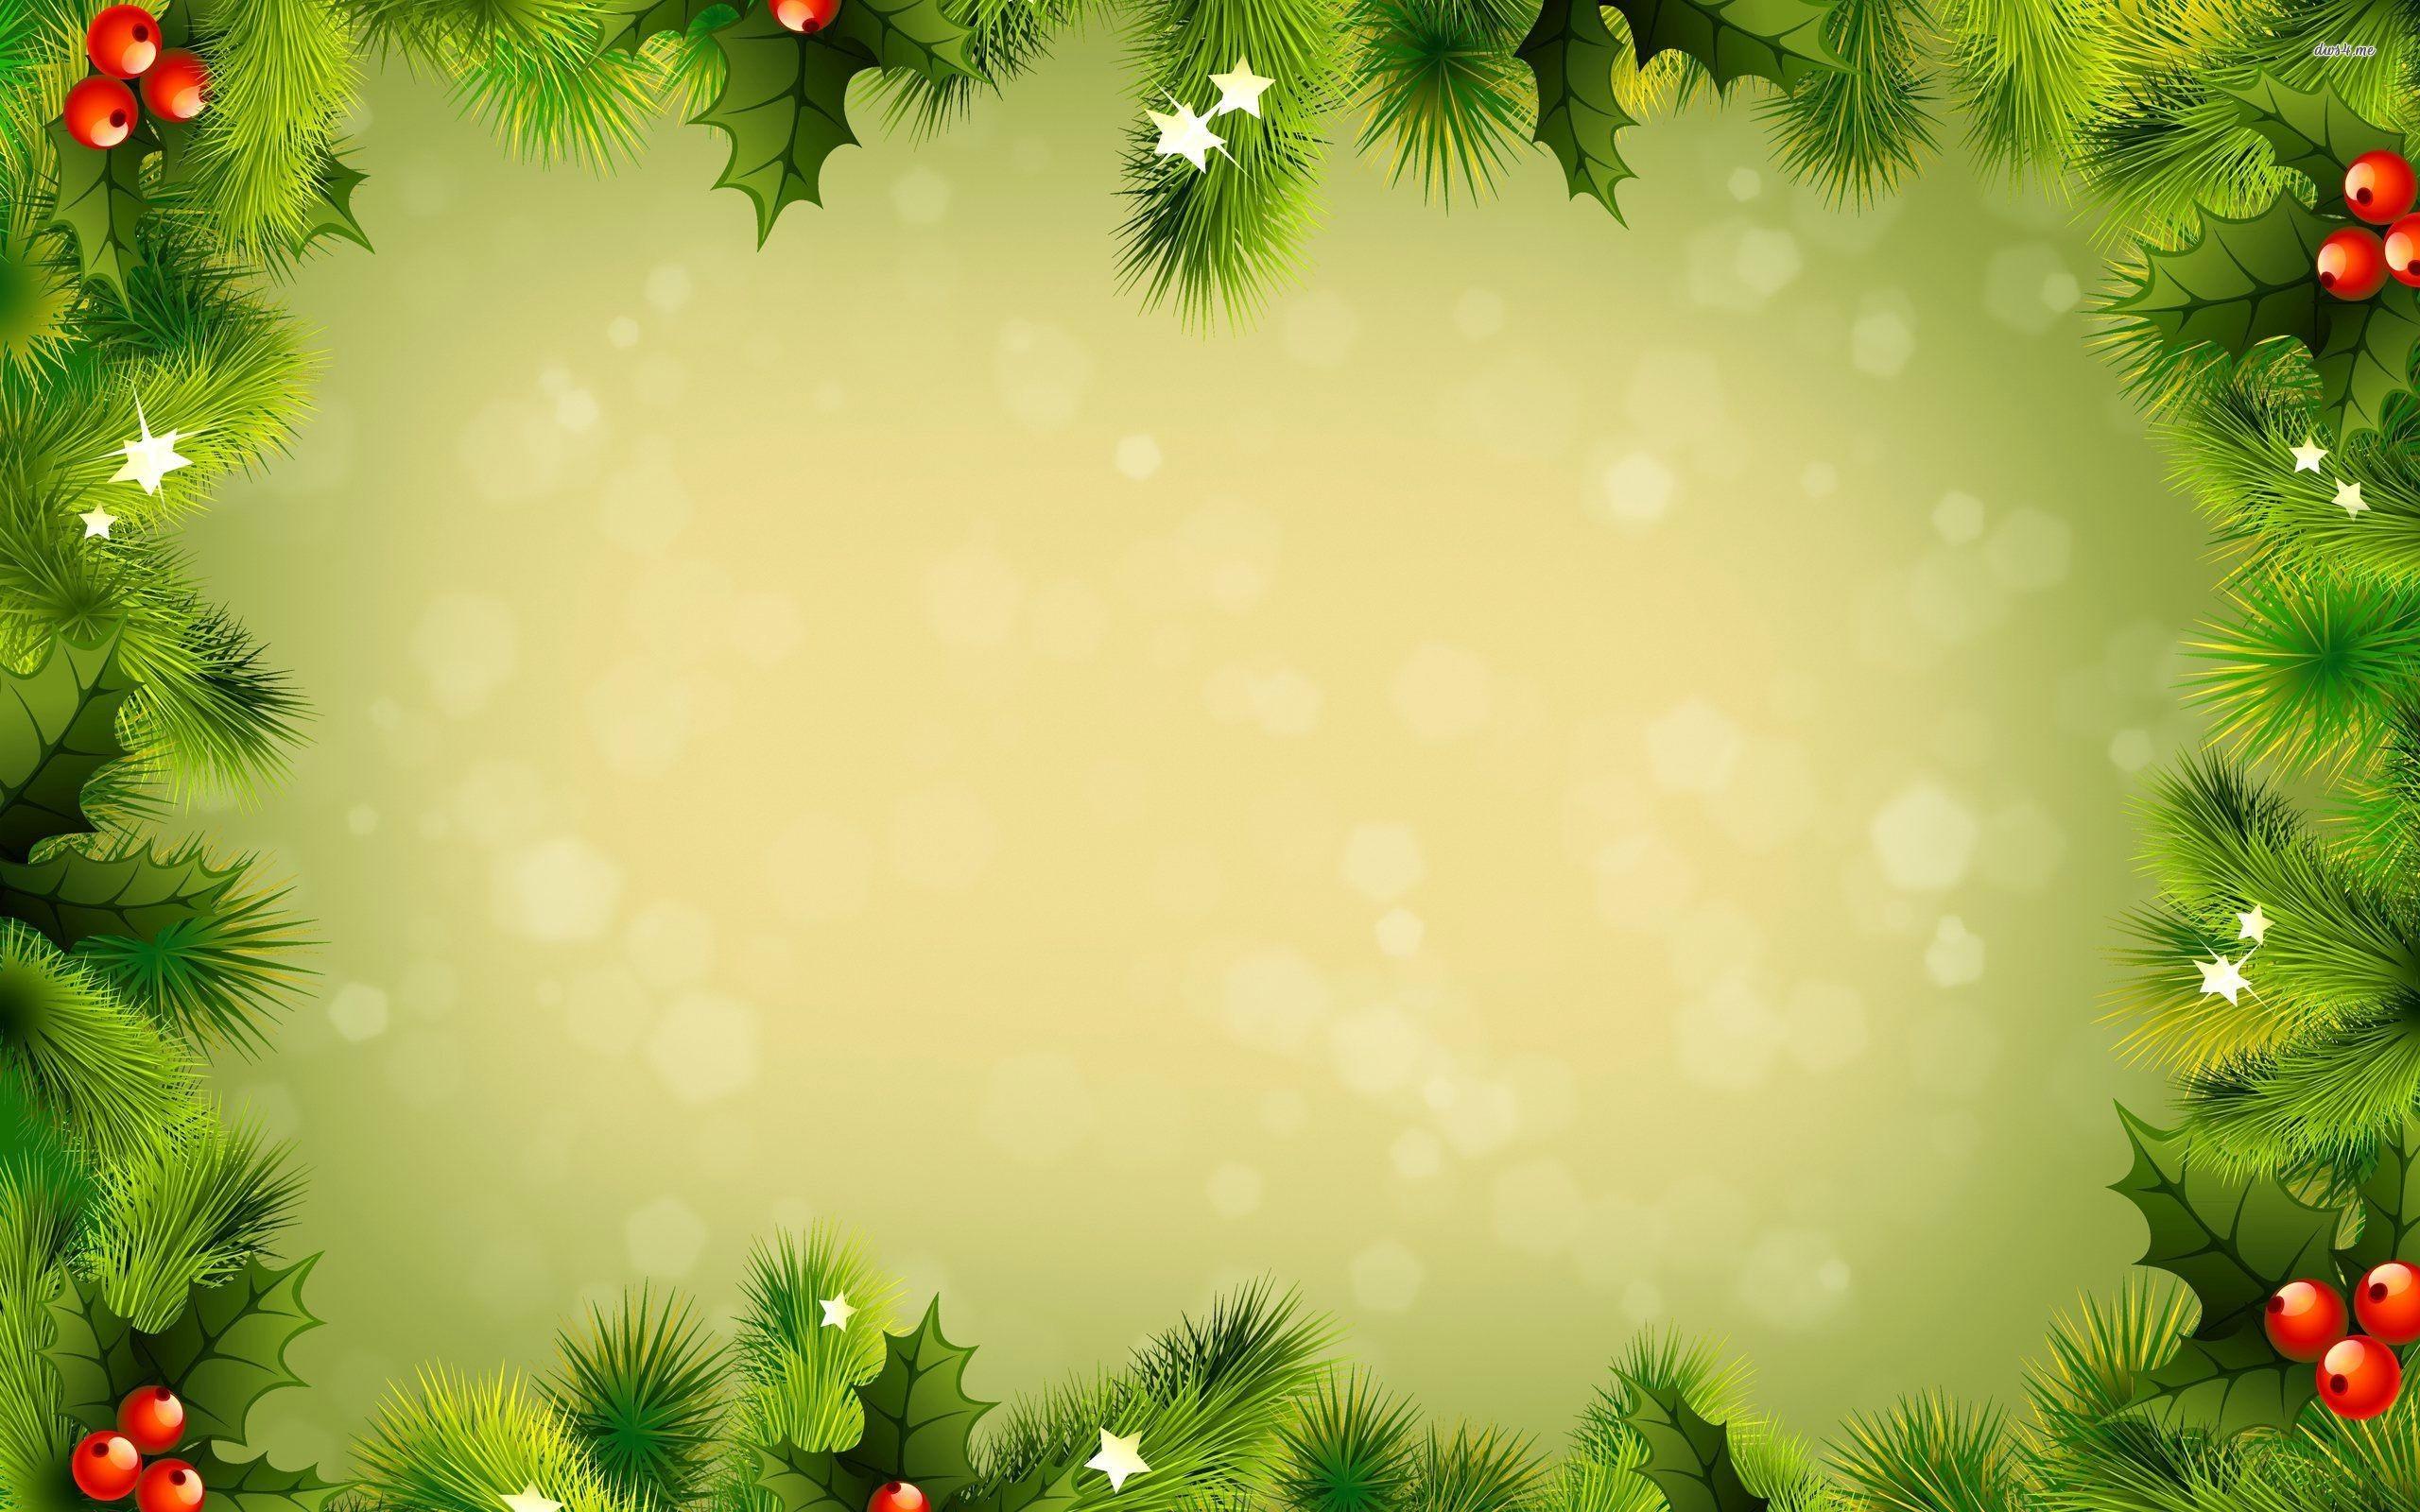 Christmas Wallpaper Hd For Desktop Wallpaper 2560 x 1600 px 1.2 MB merry  desktop snow snowman